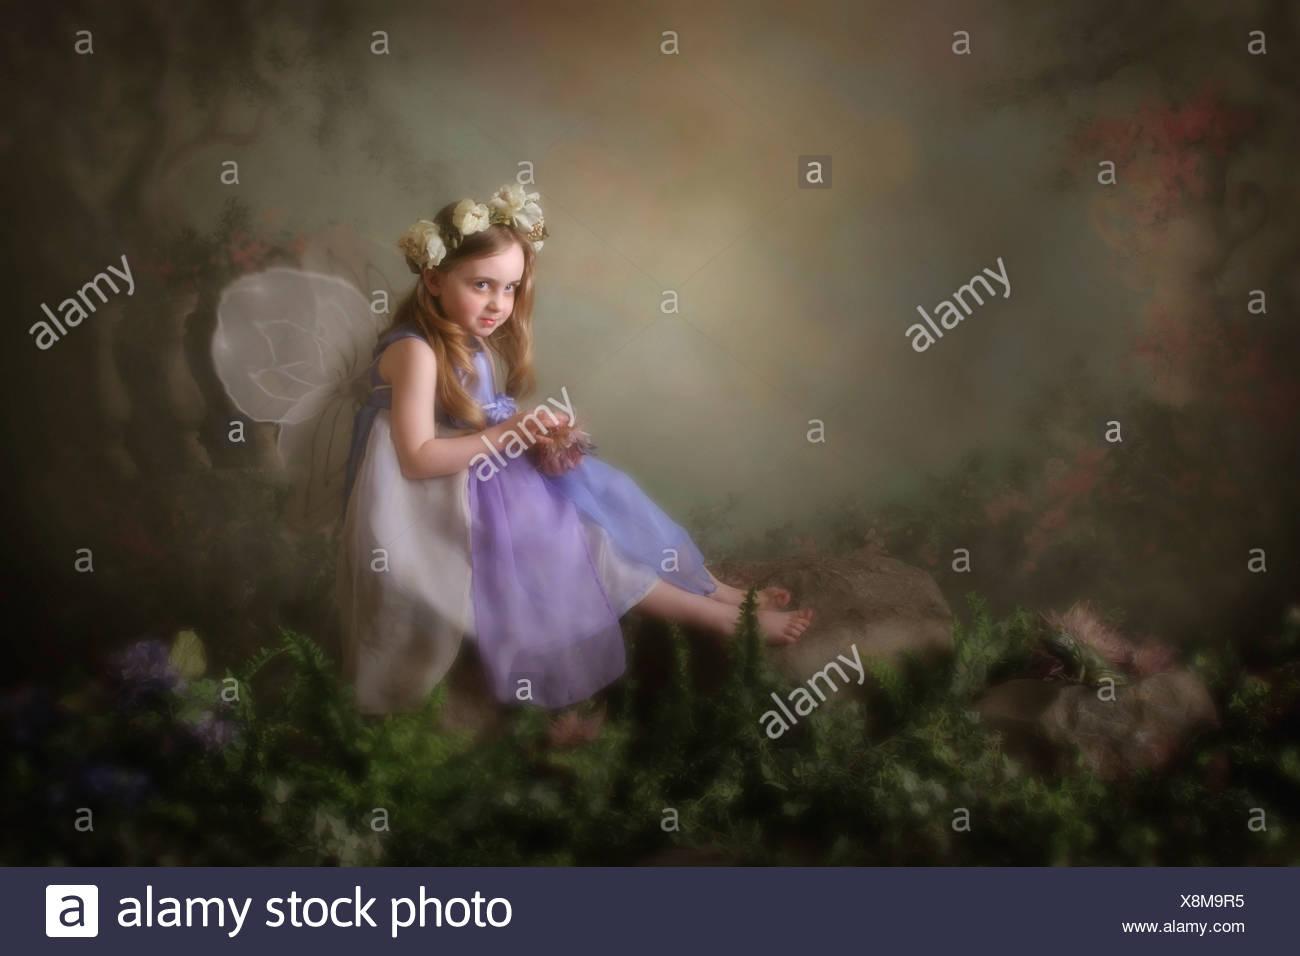 Victoria, Britisch-Kolumbien, Kanada; eine Mädchen gekleidet wie eine Fee Stockbild